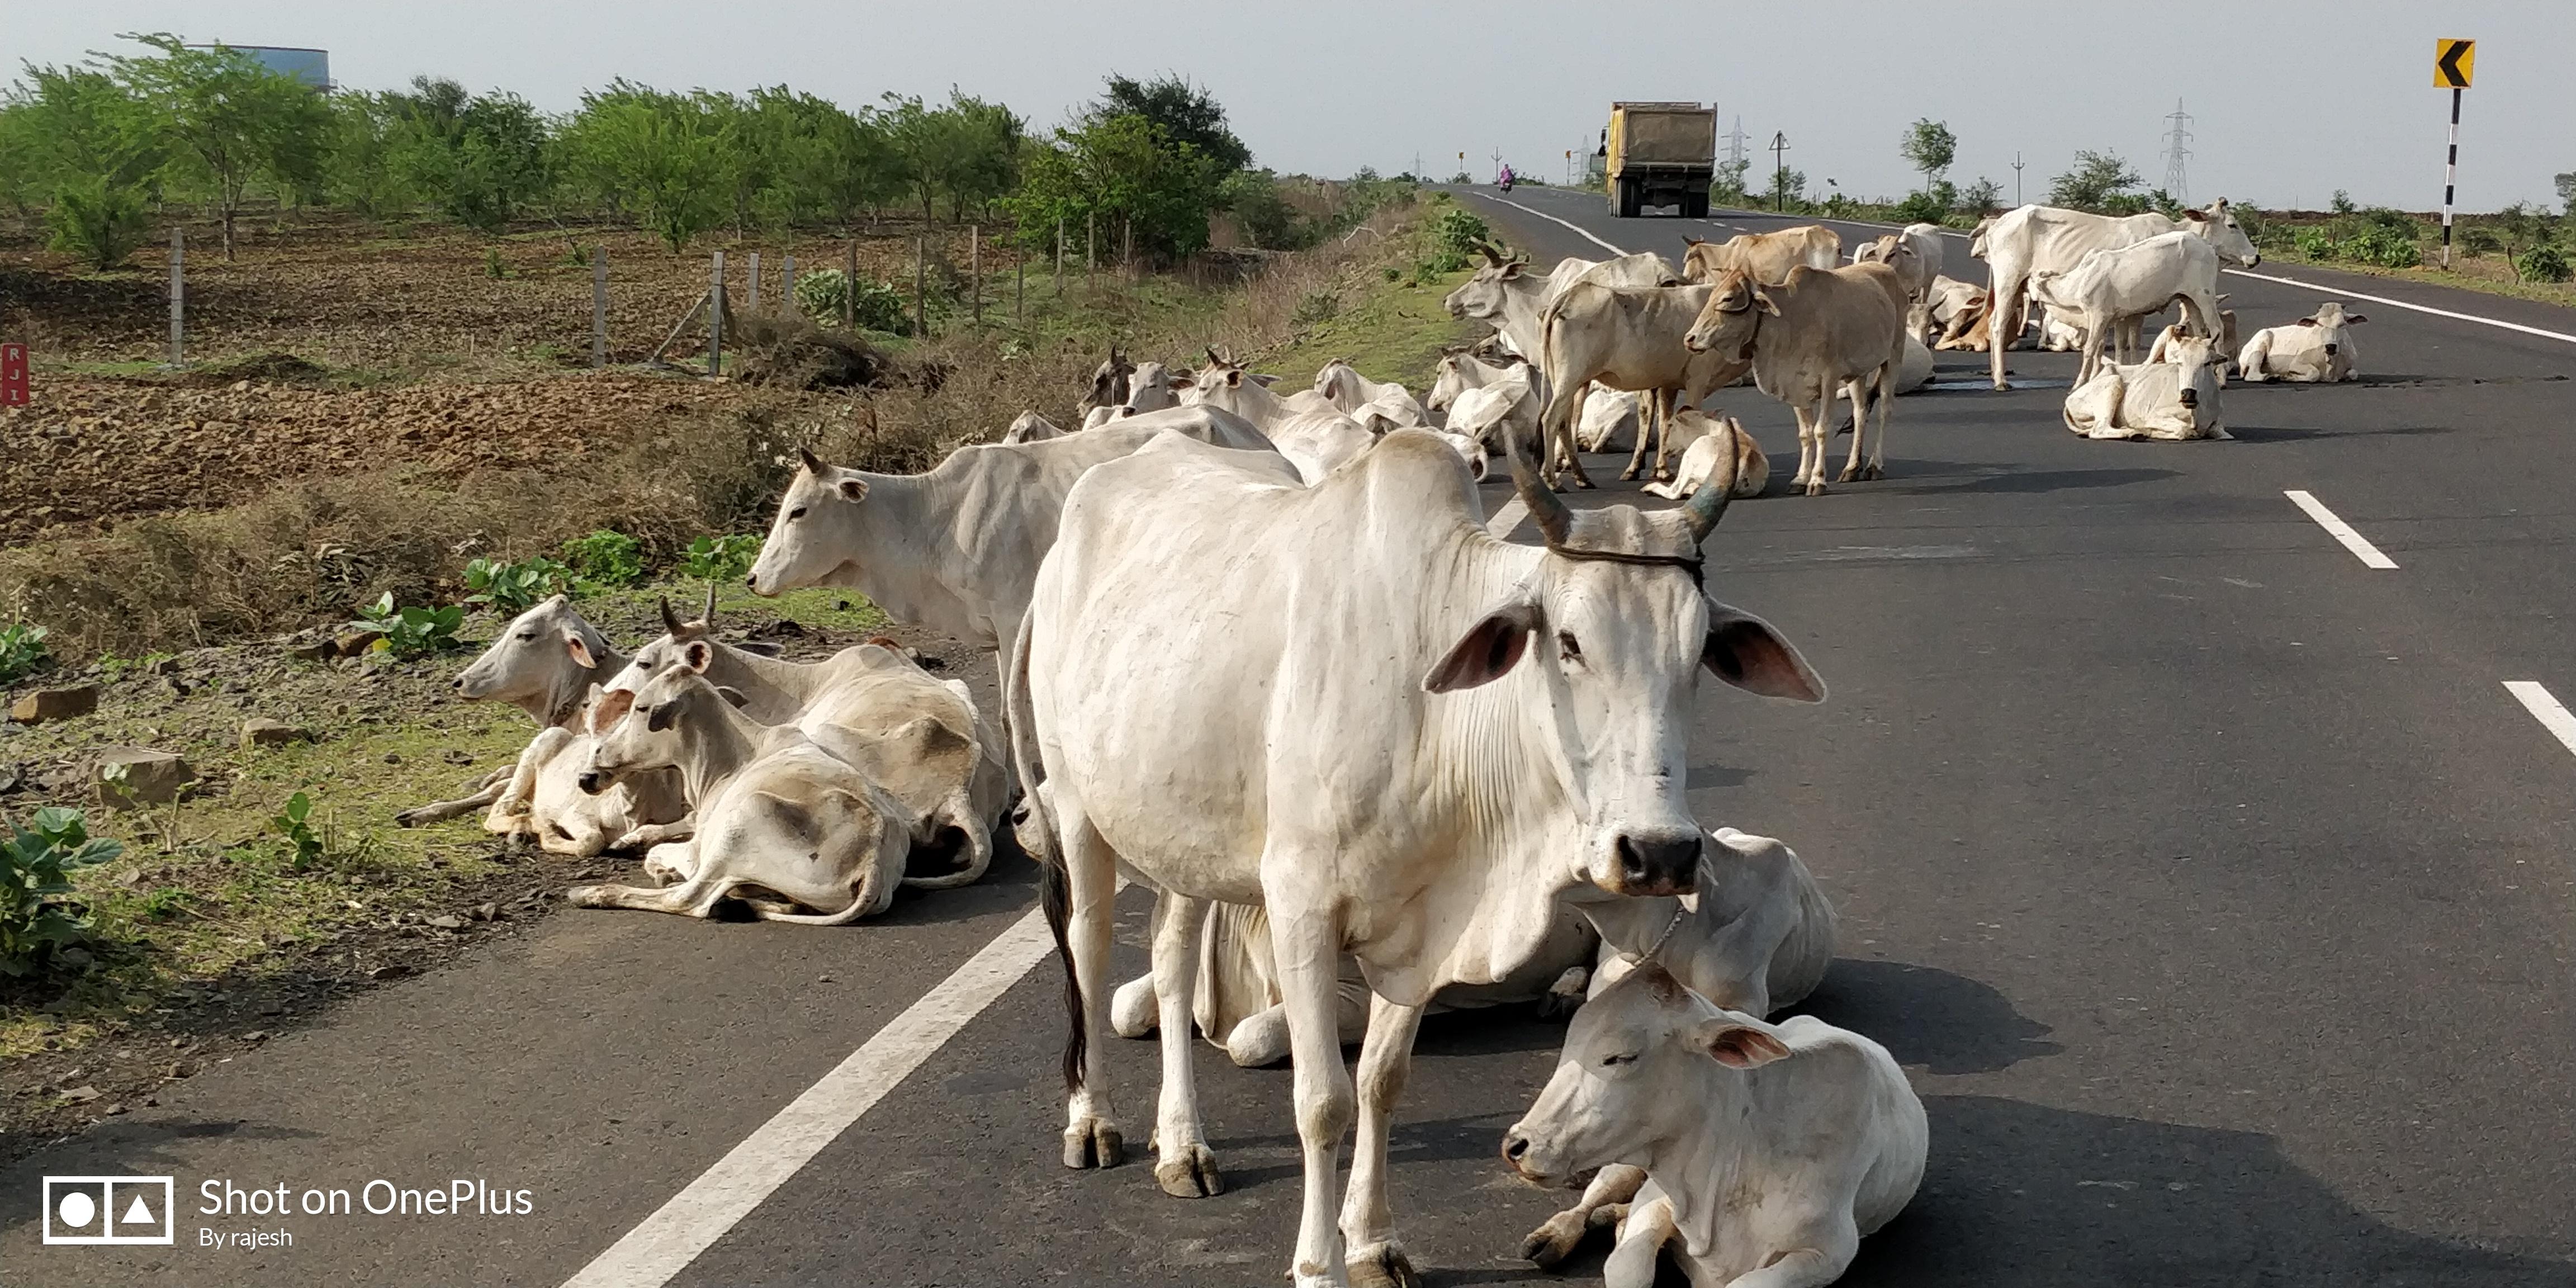 खेतों में नुकसान न हो, भटकती गाय को भी मिले सहारा, इसलिए की वरिष्ठों ने पहल